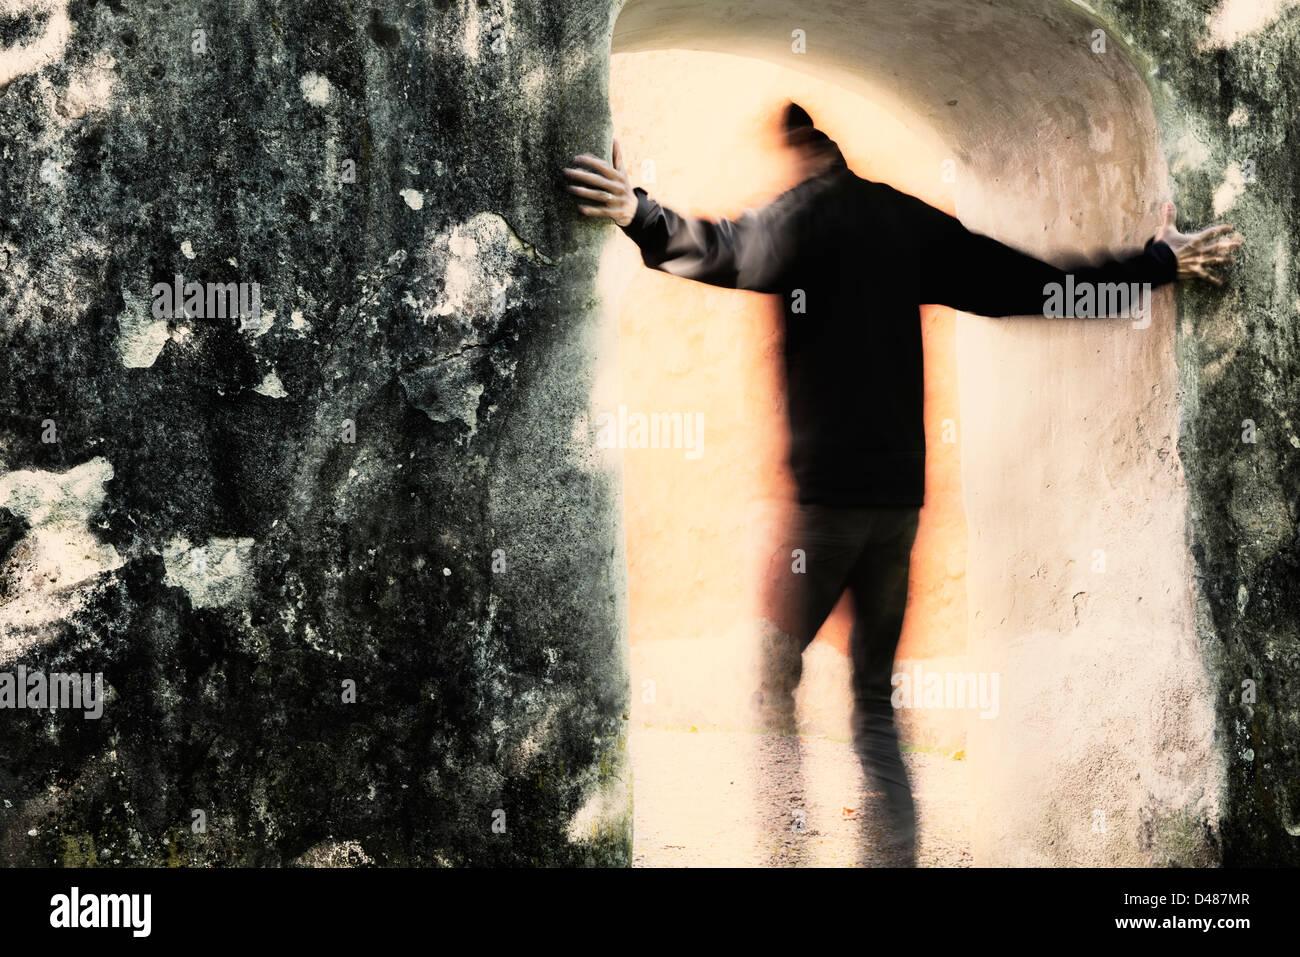 Macho adulto en movimiento desde la oscuridad hacia la luz a través del portal. Él se aferra al muro de Imagen De Stock